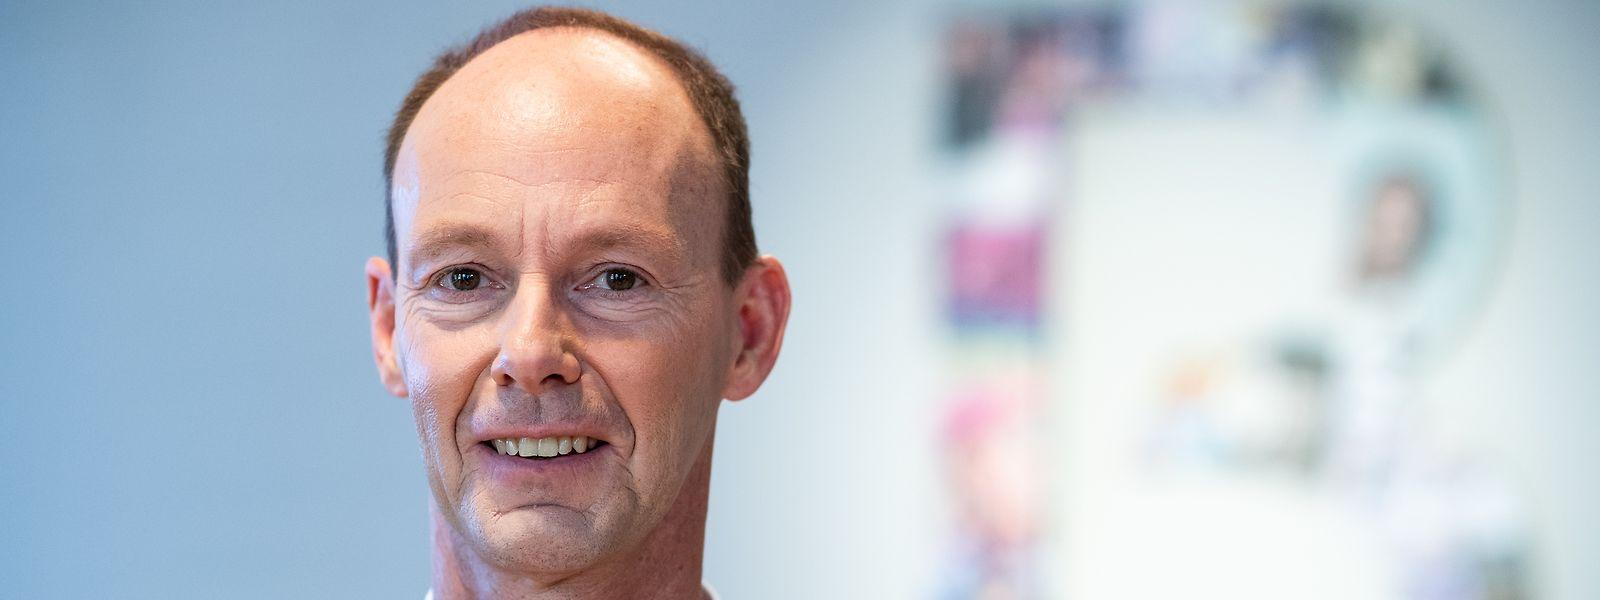 A compter du 1er avril, Thomas Rabe devient CEO de RTL Group, après avoir été président du conseil d'administration de l'actionnaire principal, Bertelsmann.